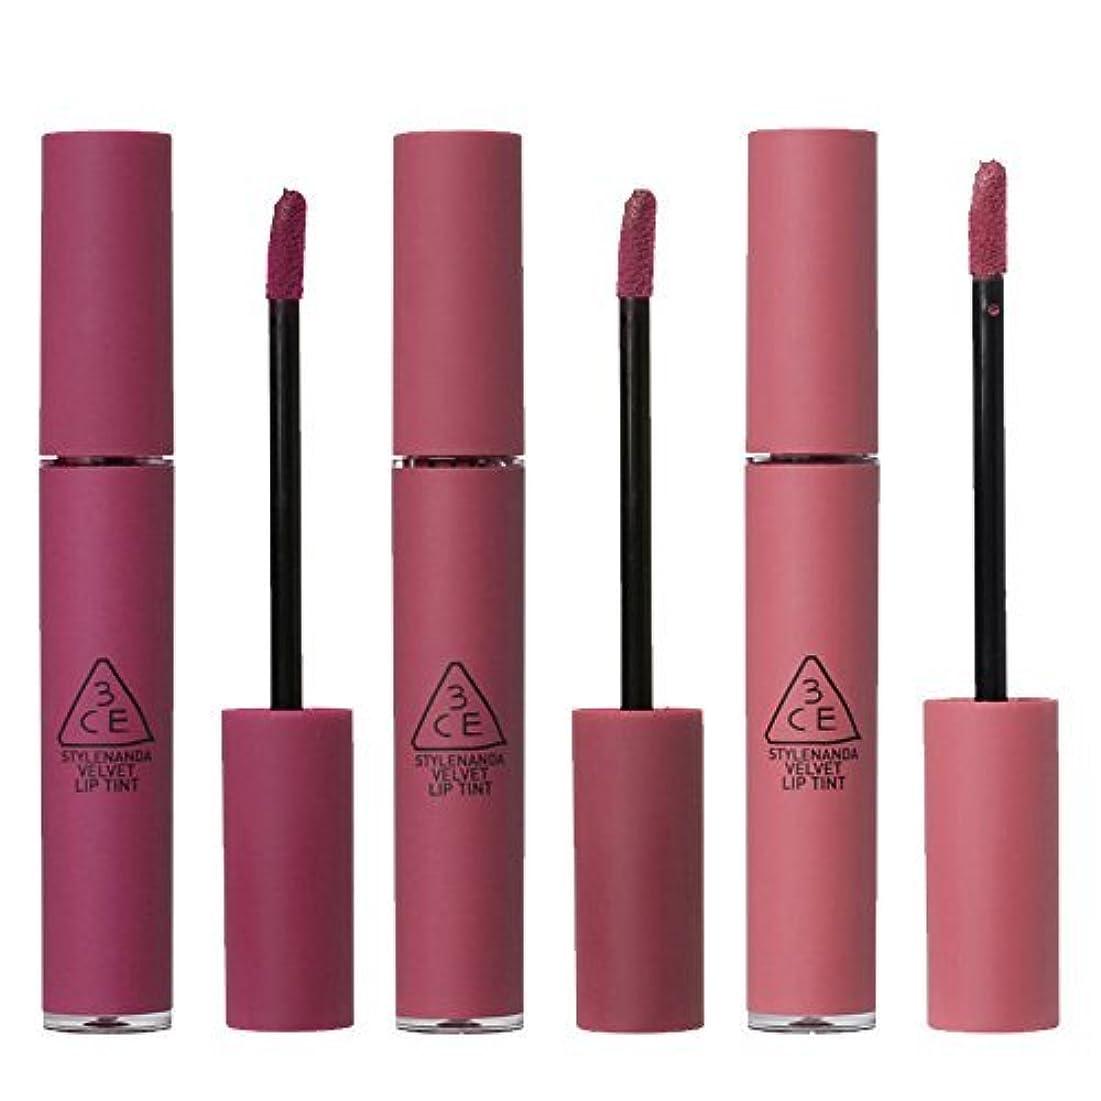 ペナルティサンダー印象的[3ce] ベルベットリップティント 新カラー 海外直送品 Velvet Lip Tint (Know better) [並行輸入品]